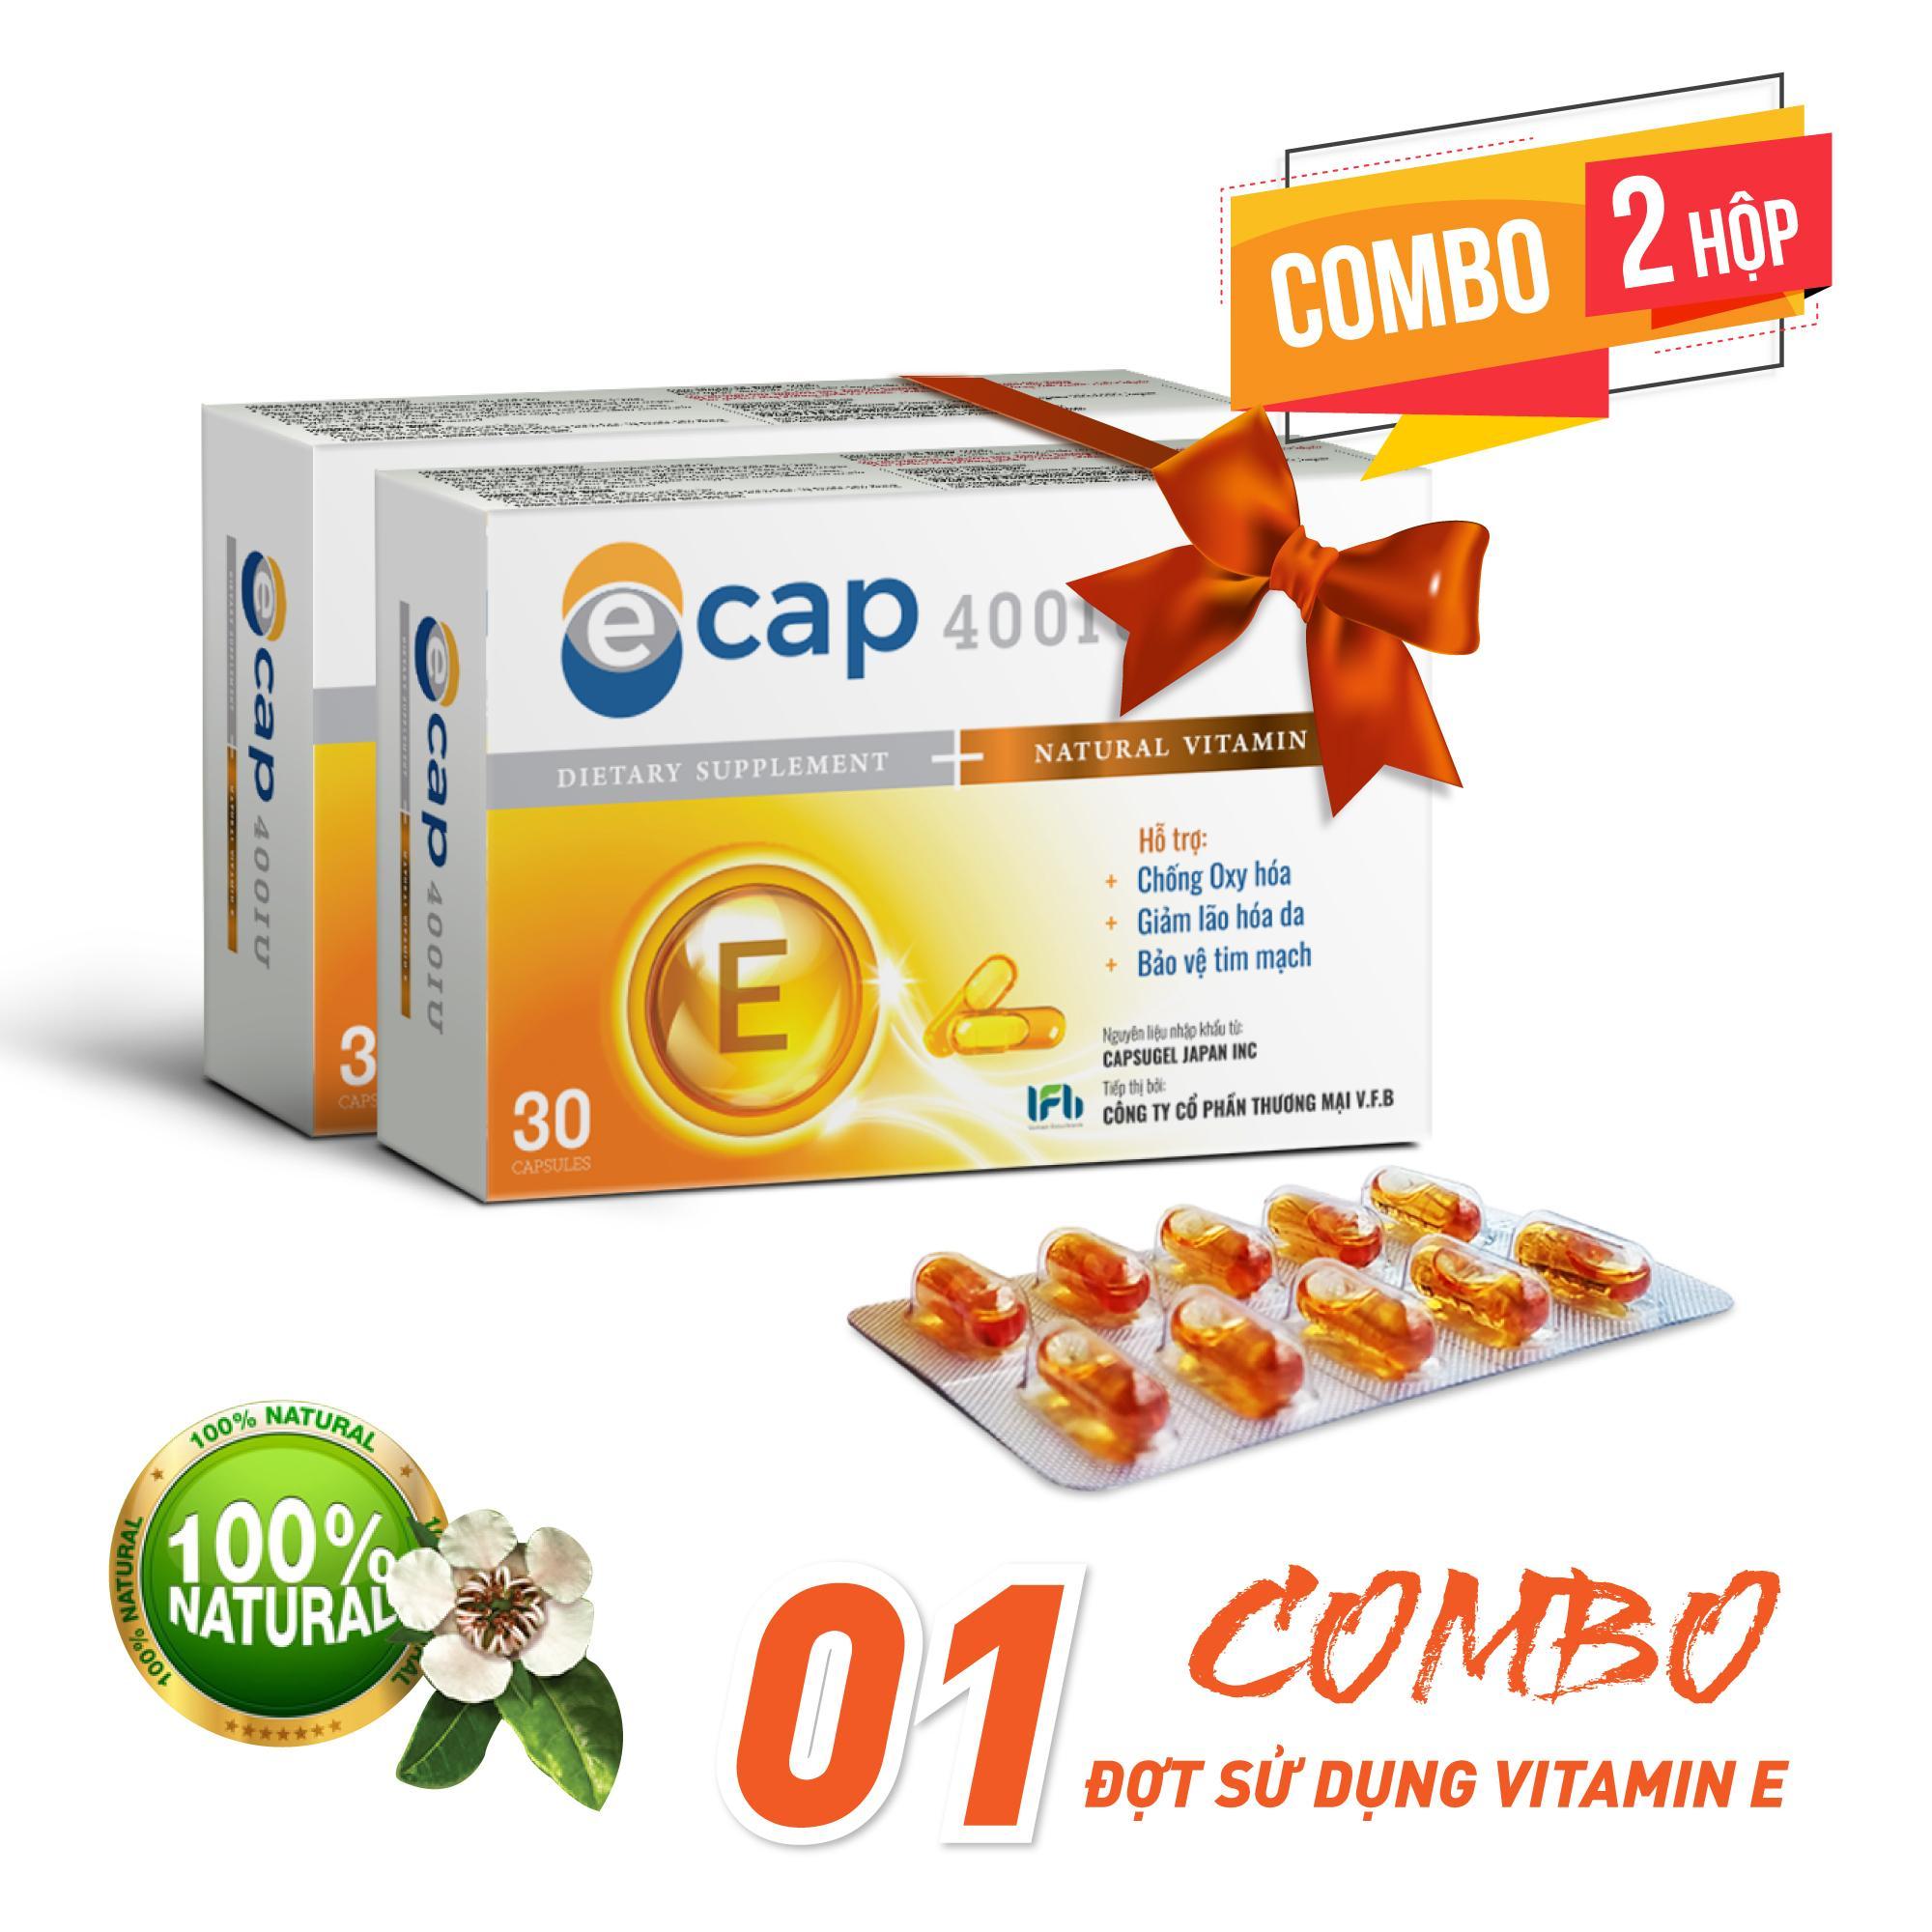 Combo 1 đợt dùng Vitamin E 400IU Tự Nhiên chất lượng Nhật Bản ( 2 hộp Ecap)